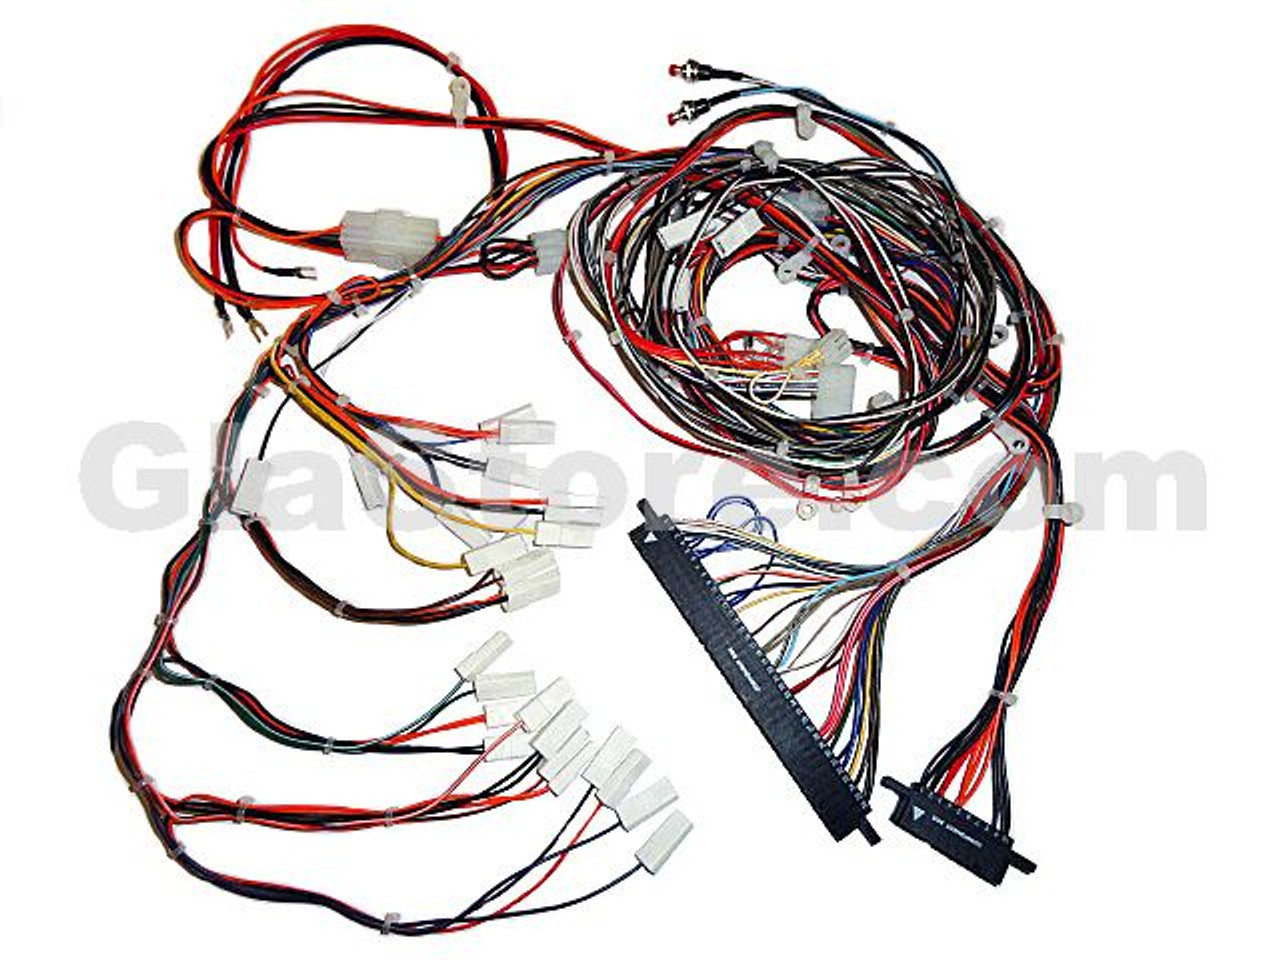 standard 8 liner cherry master wiring harness Cherry Master Poker Machine